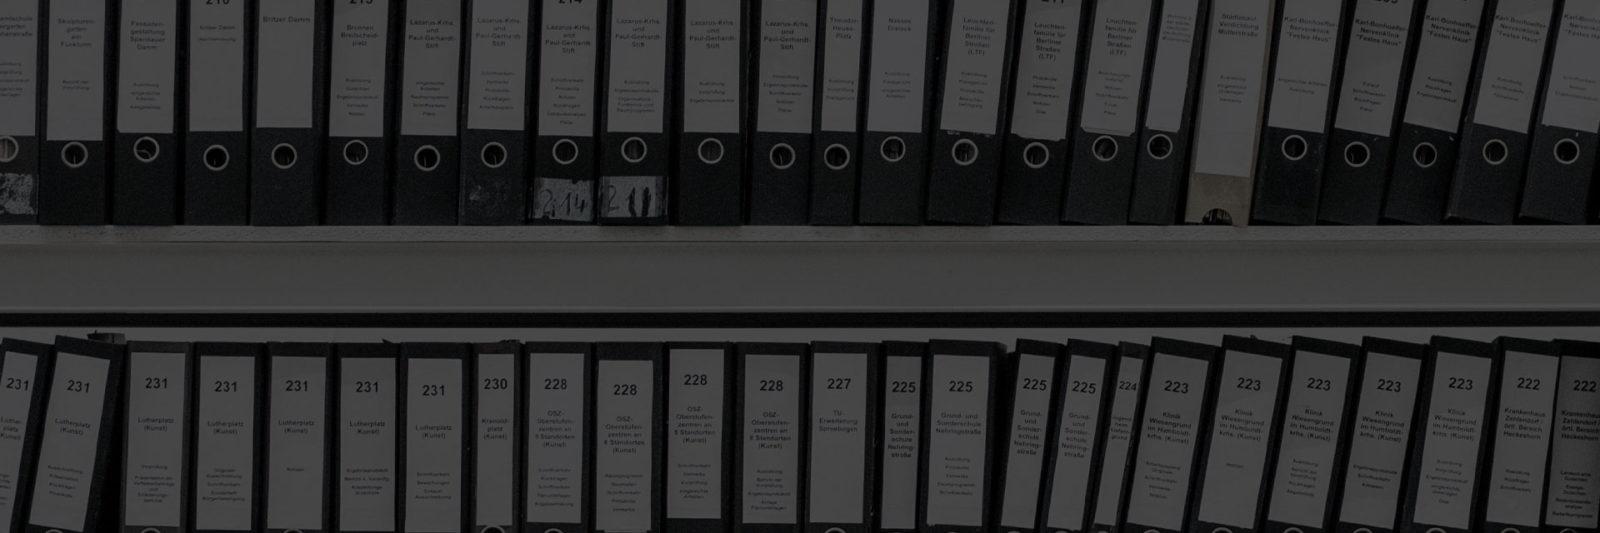 Process-Serving-Case-Studies